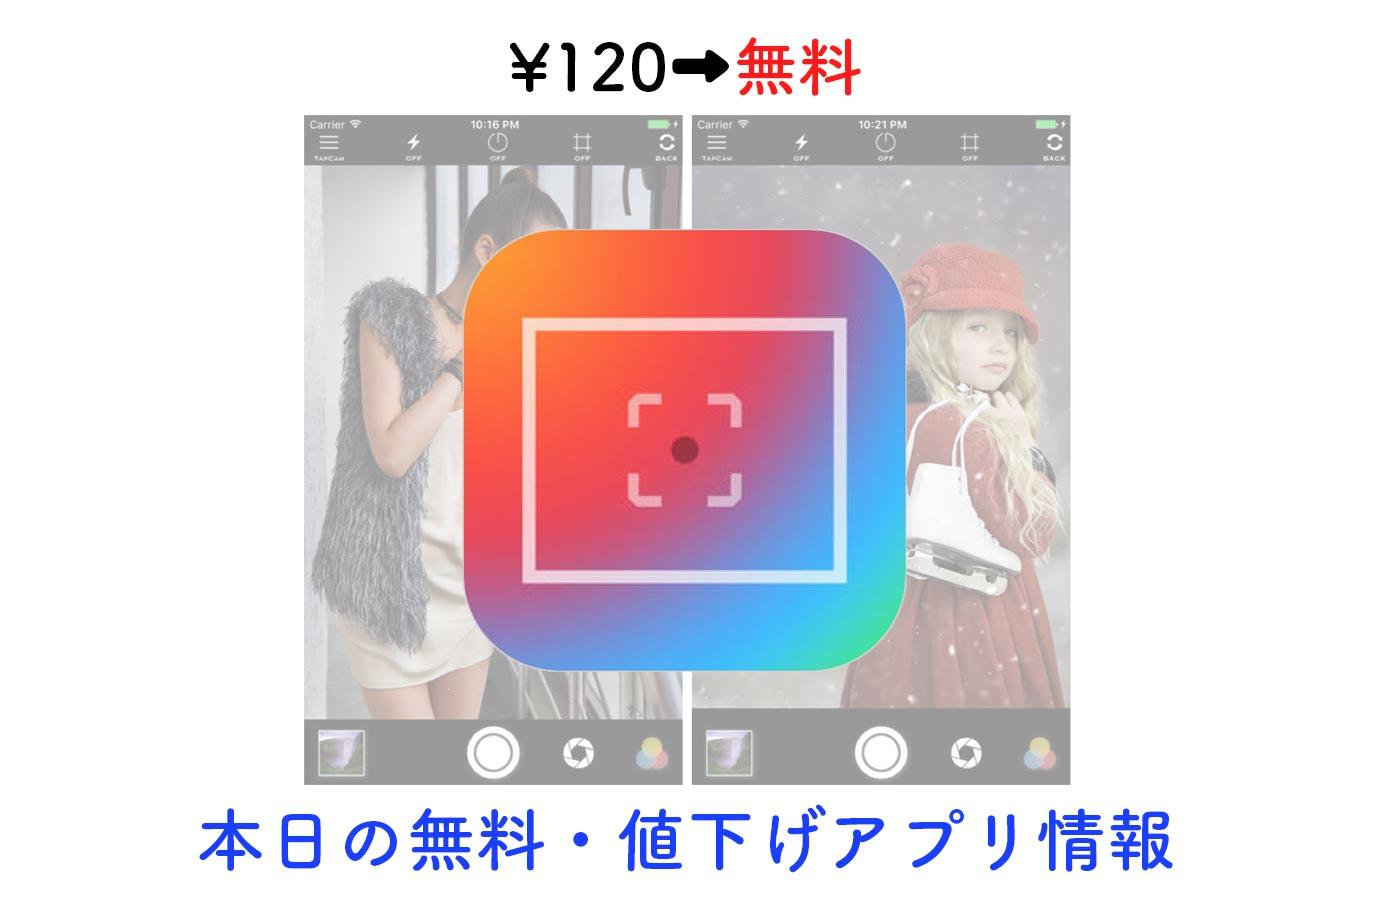 ¥120→無料、ピントが合った瞬間自動で撮影、手ブレしないカメラアプリ「TapCam Pro」など【12/8】本日の無料・値下げアプリ情報